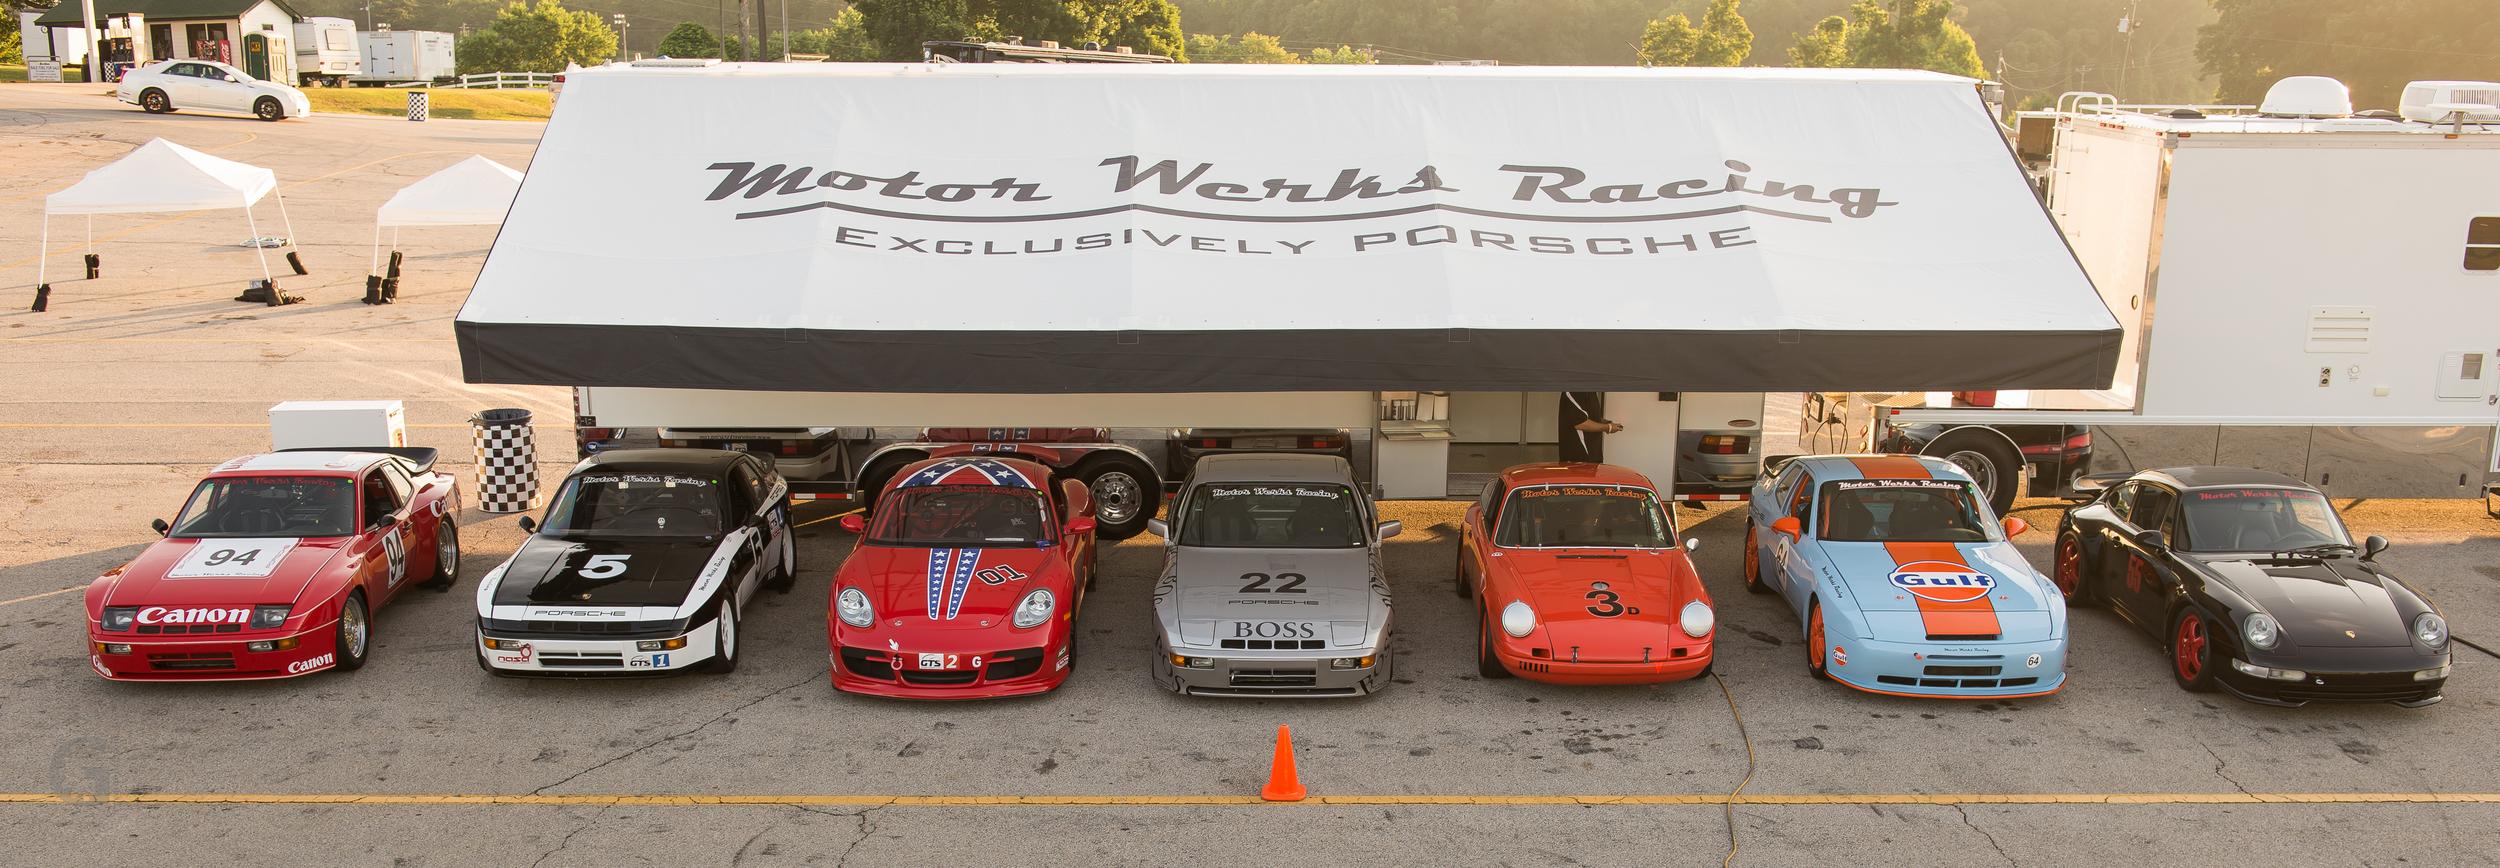 Motor Werks Racing Porsche Race Track Services